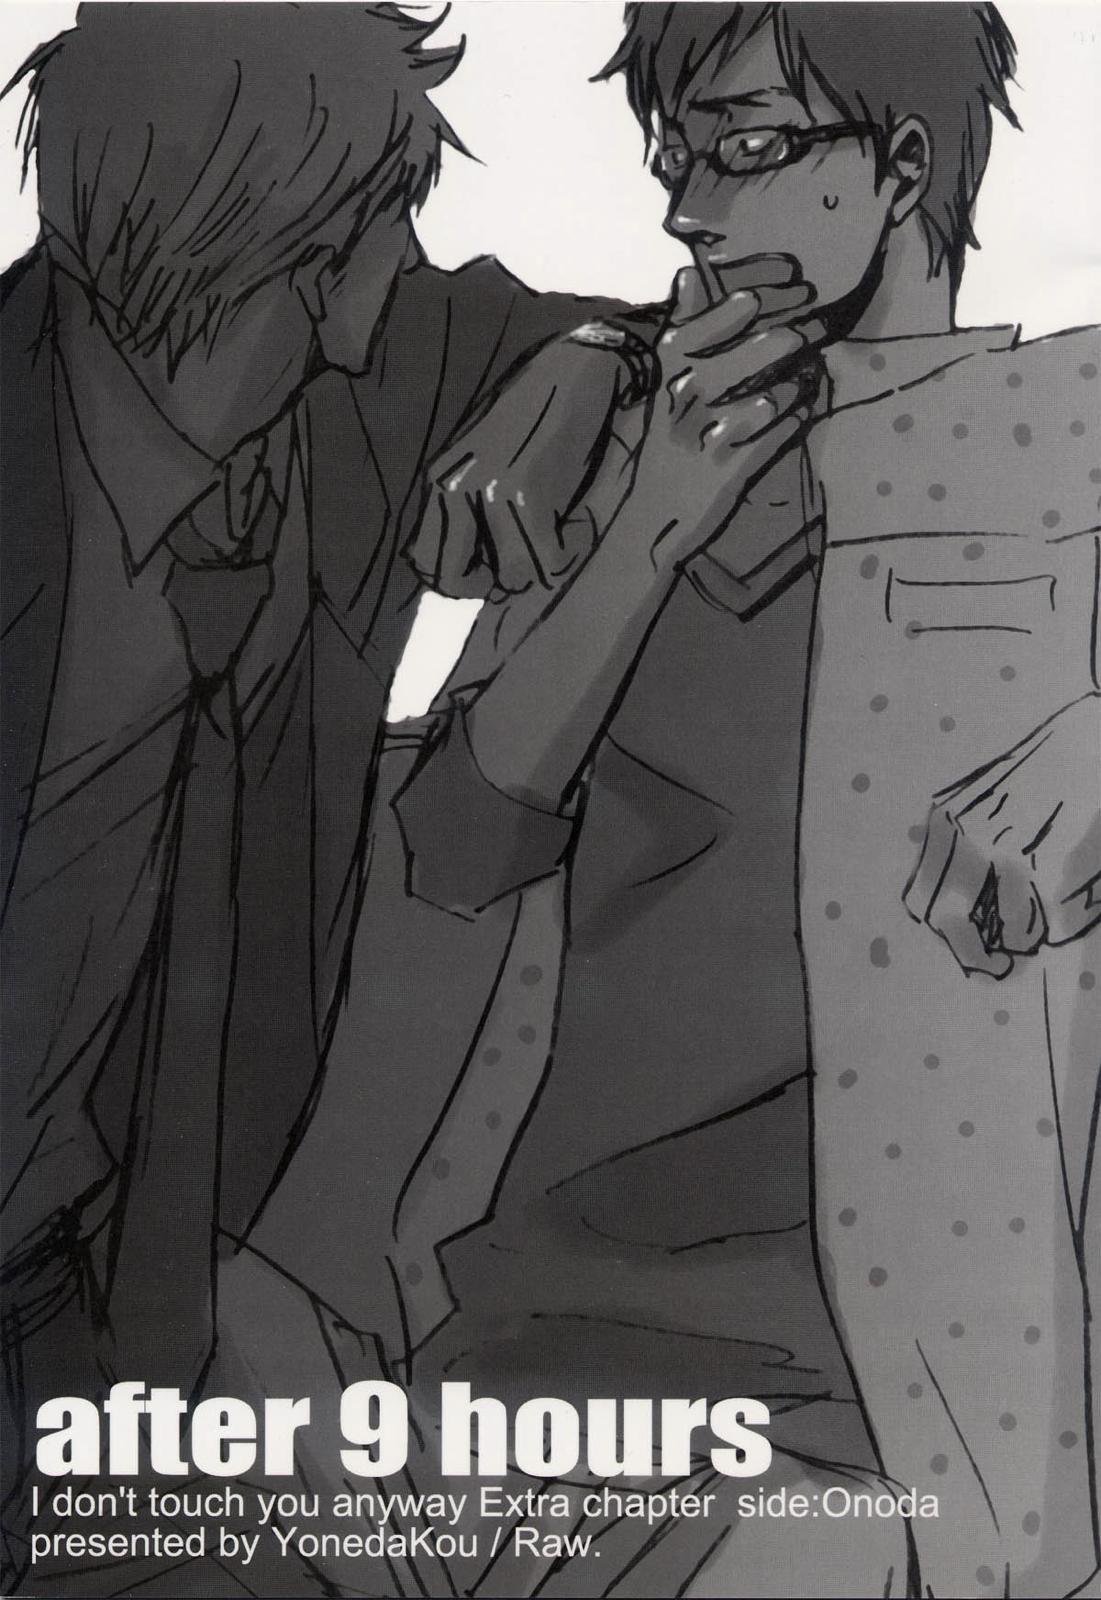 【どうしても触れたくないBLエロ同人誌】小野田×出口「after 9 hours」※腐女子向け【ボーイズラブ漫画】